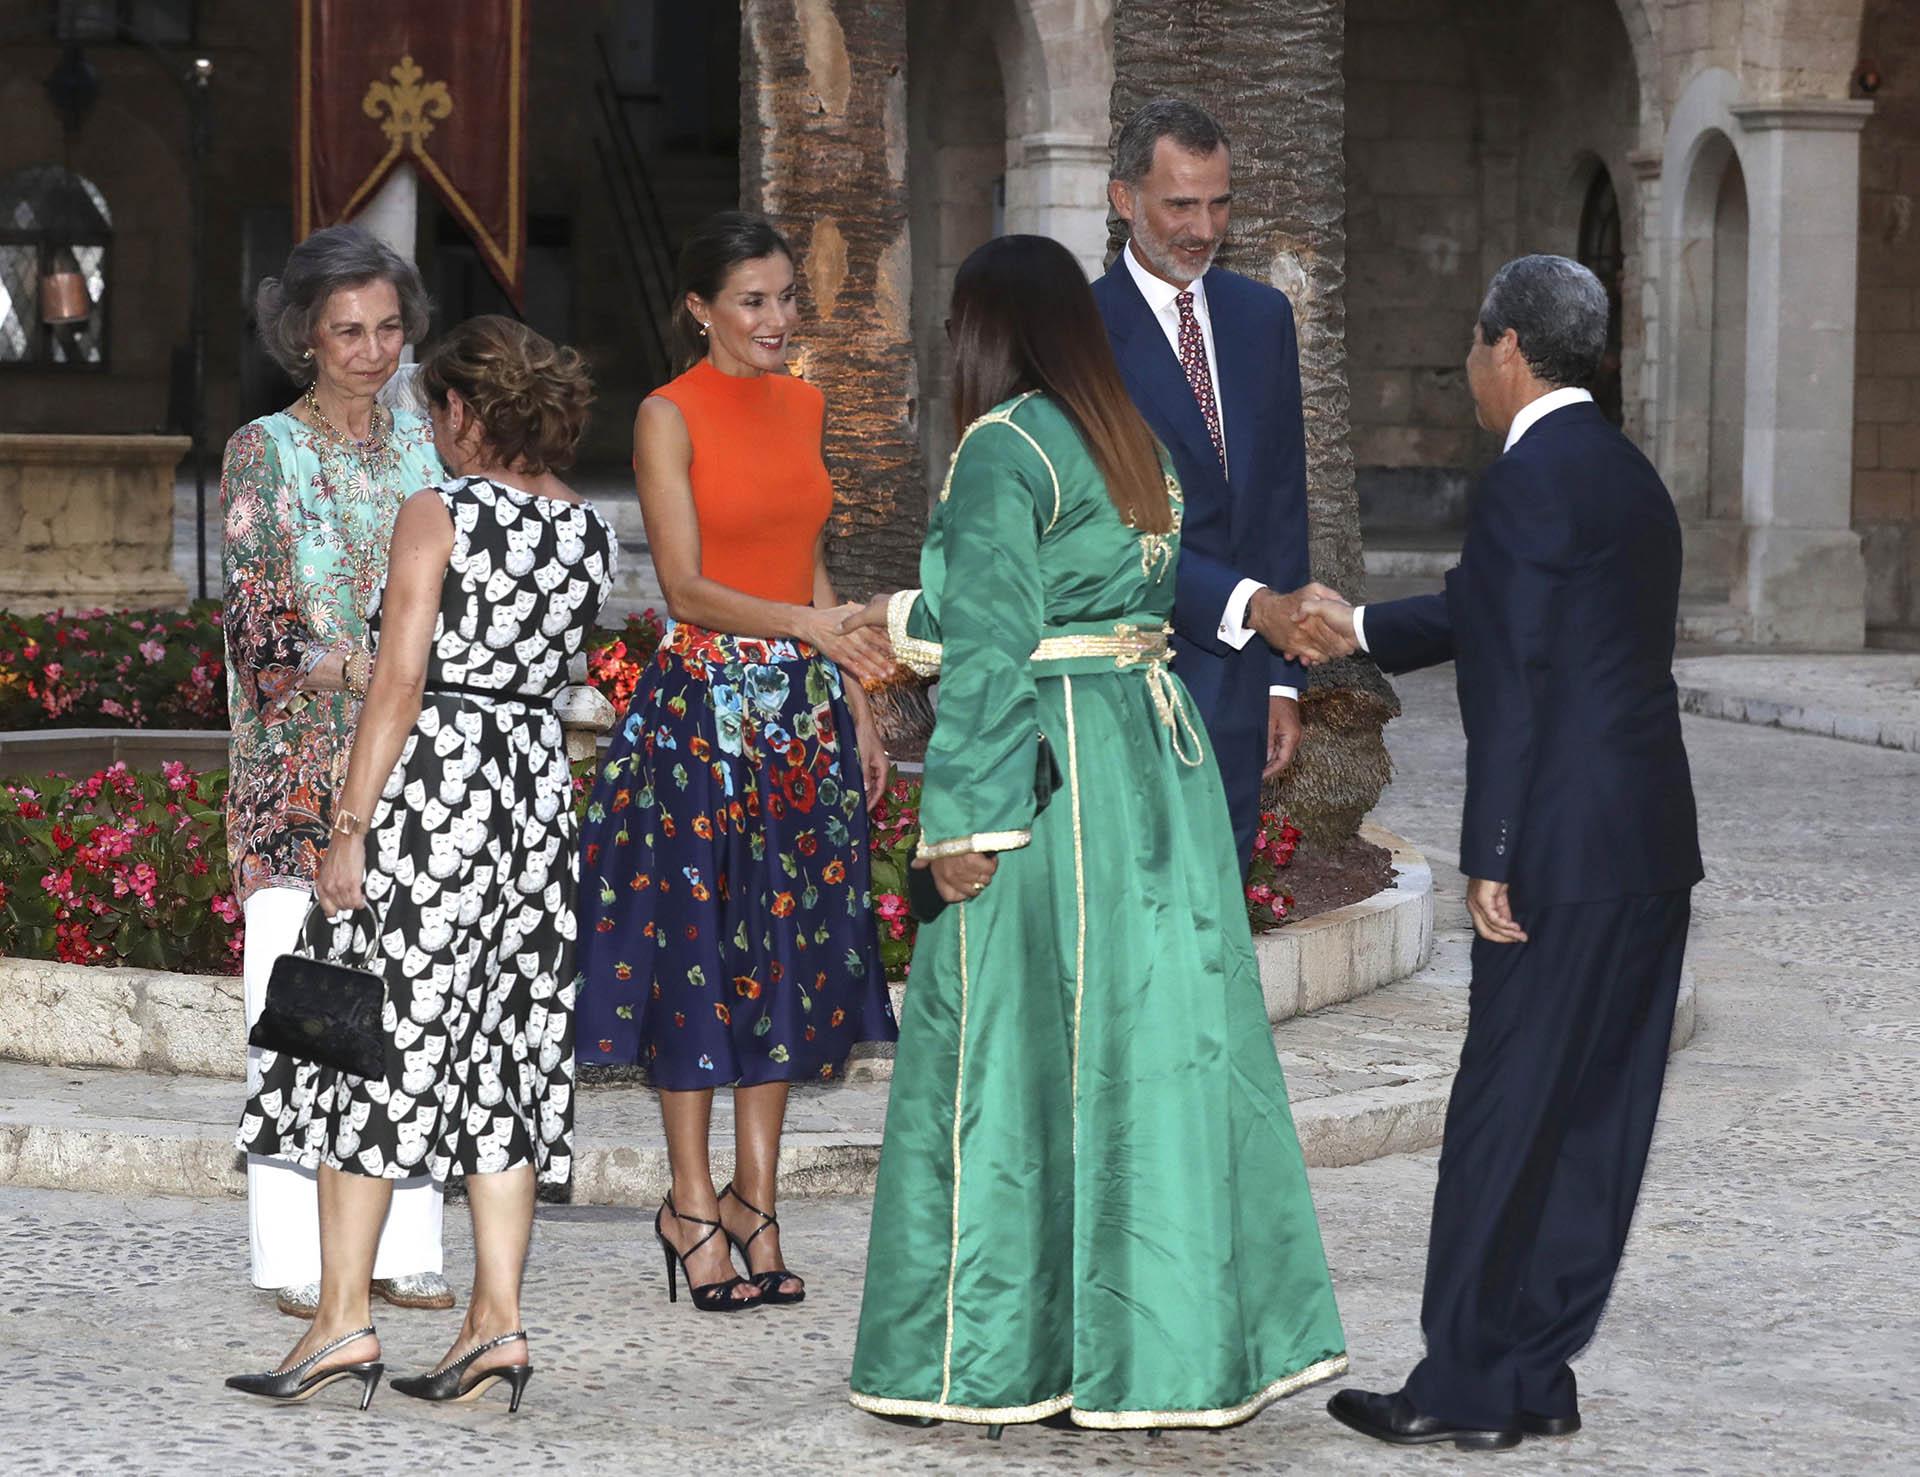 Los reyes Felipe, Letizia y Sofía recibiendo a los invitados